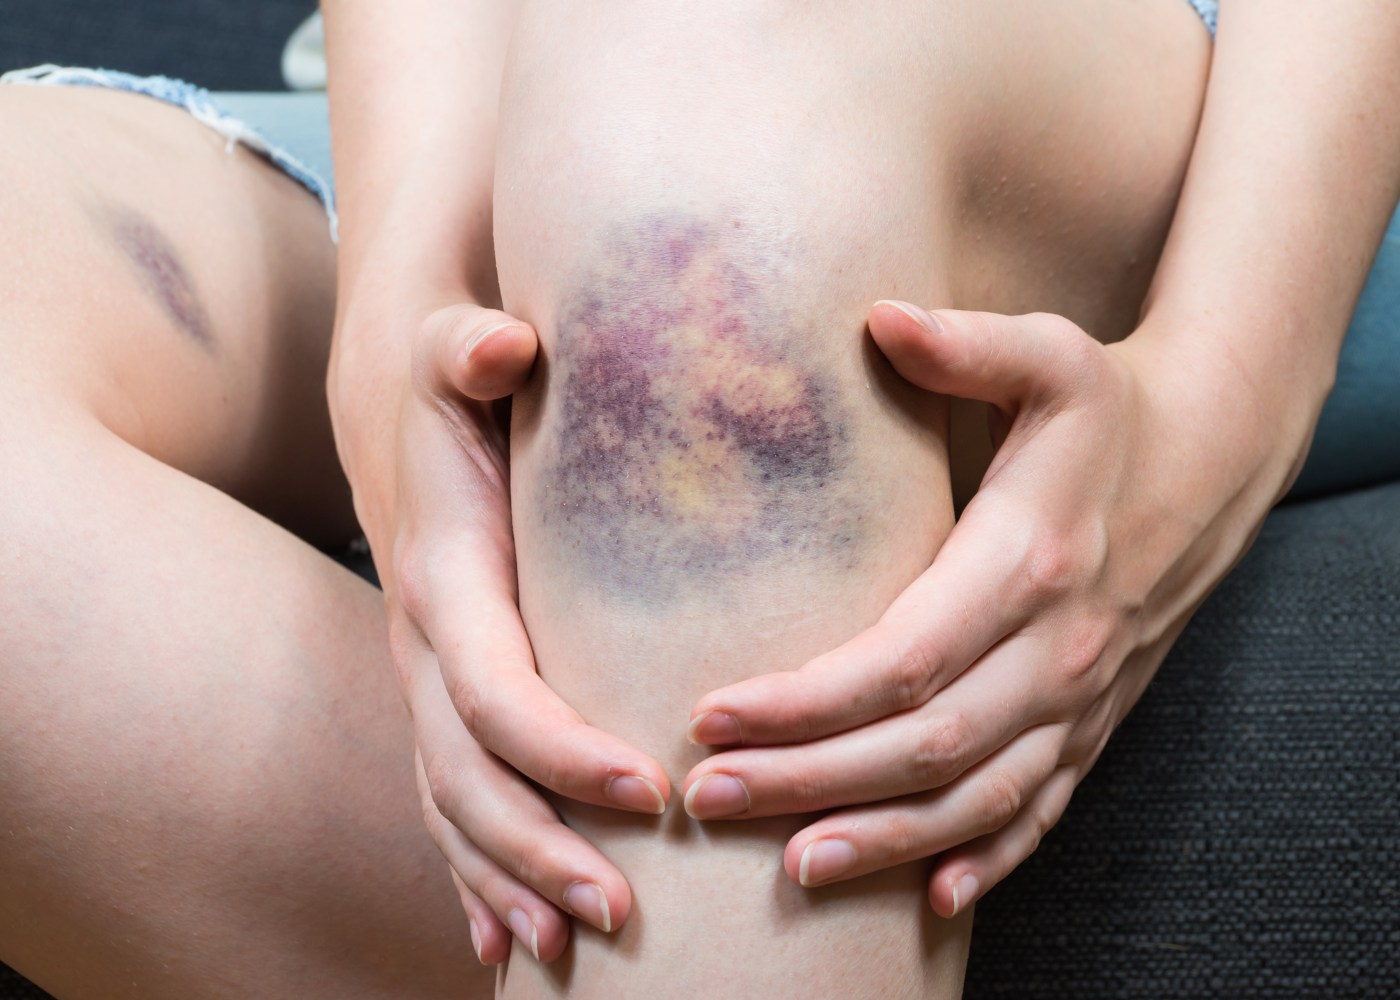 Mulher com nódoas negras na perna